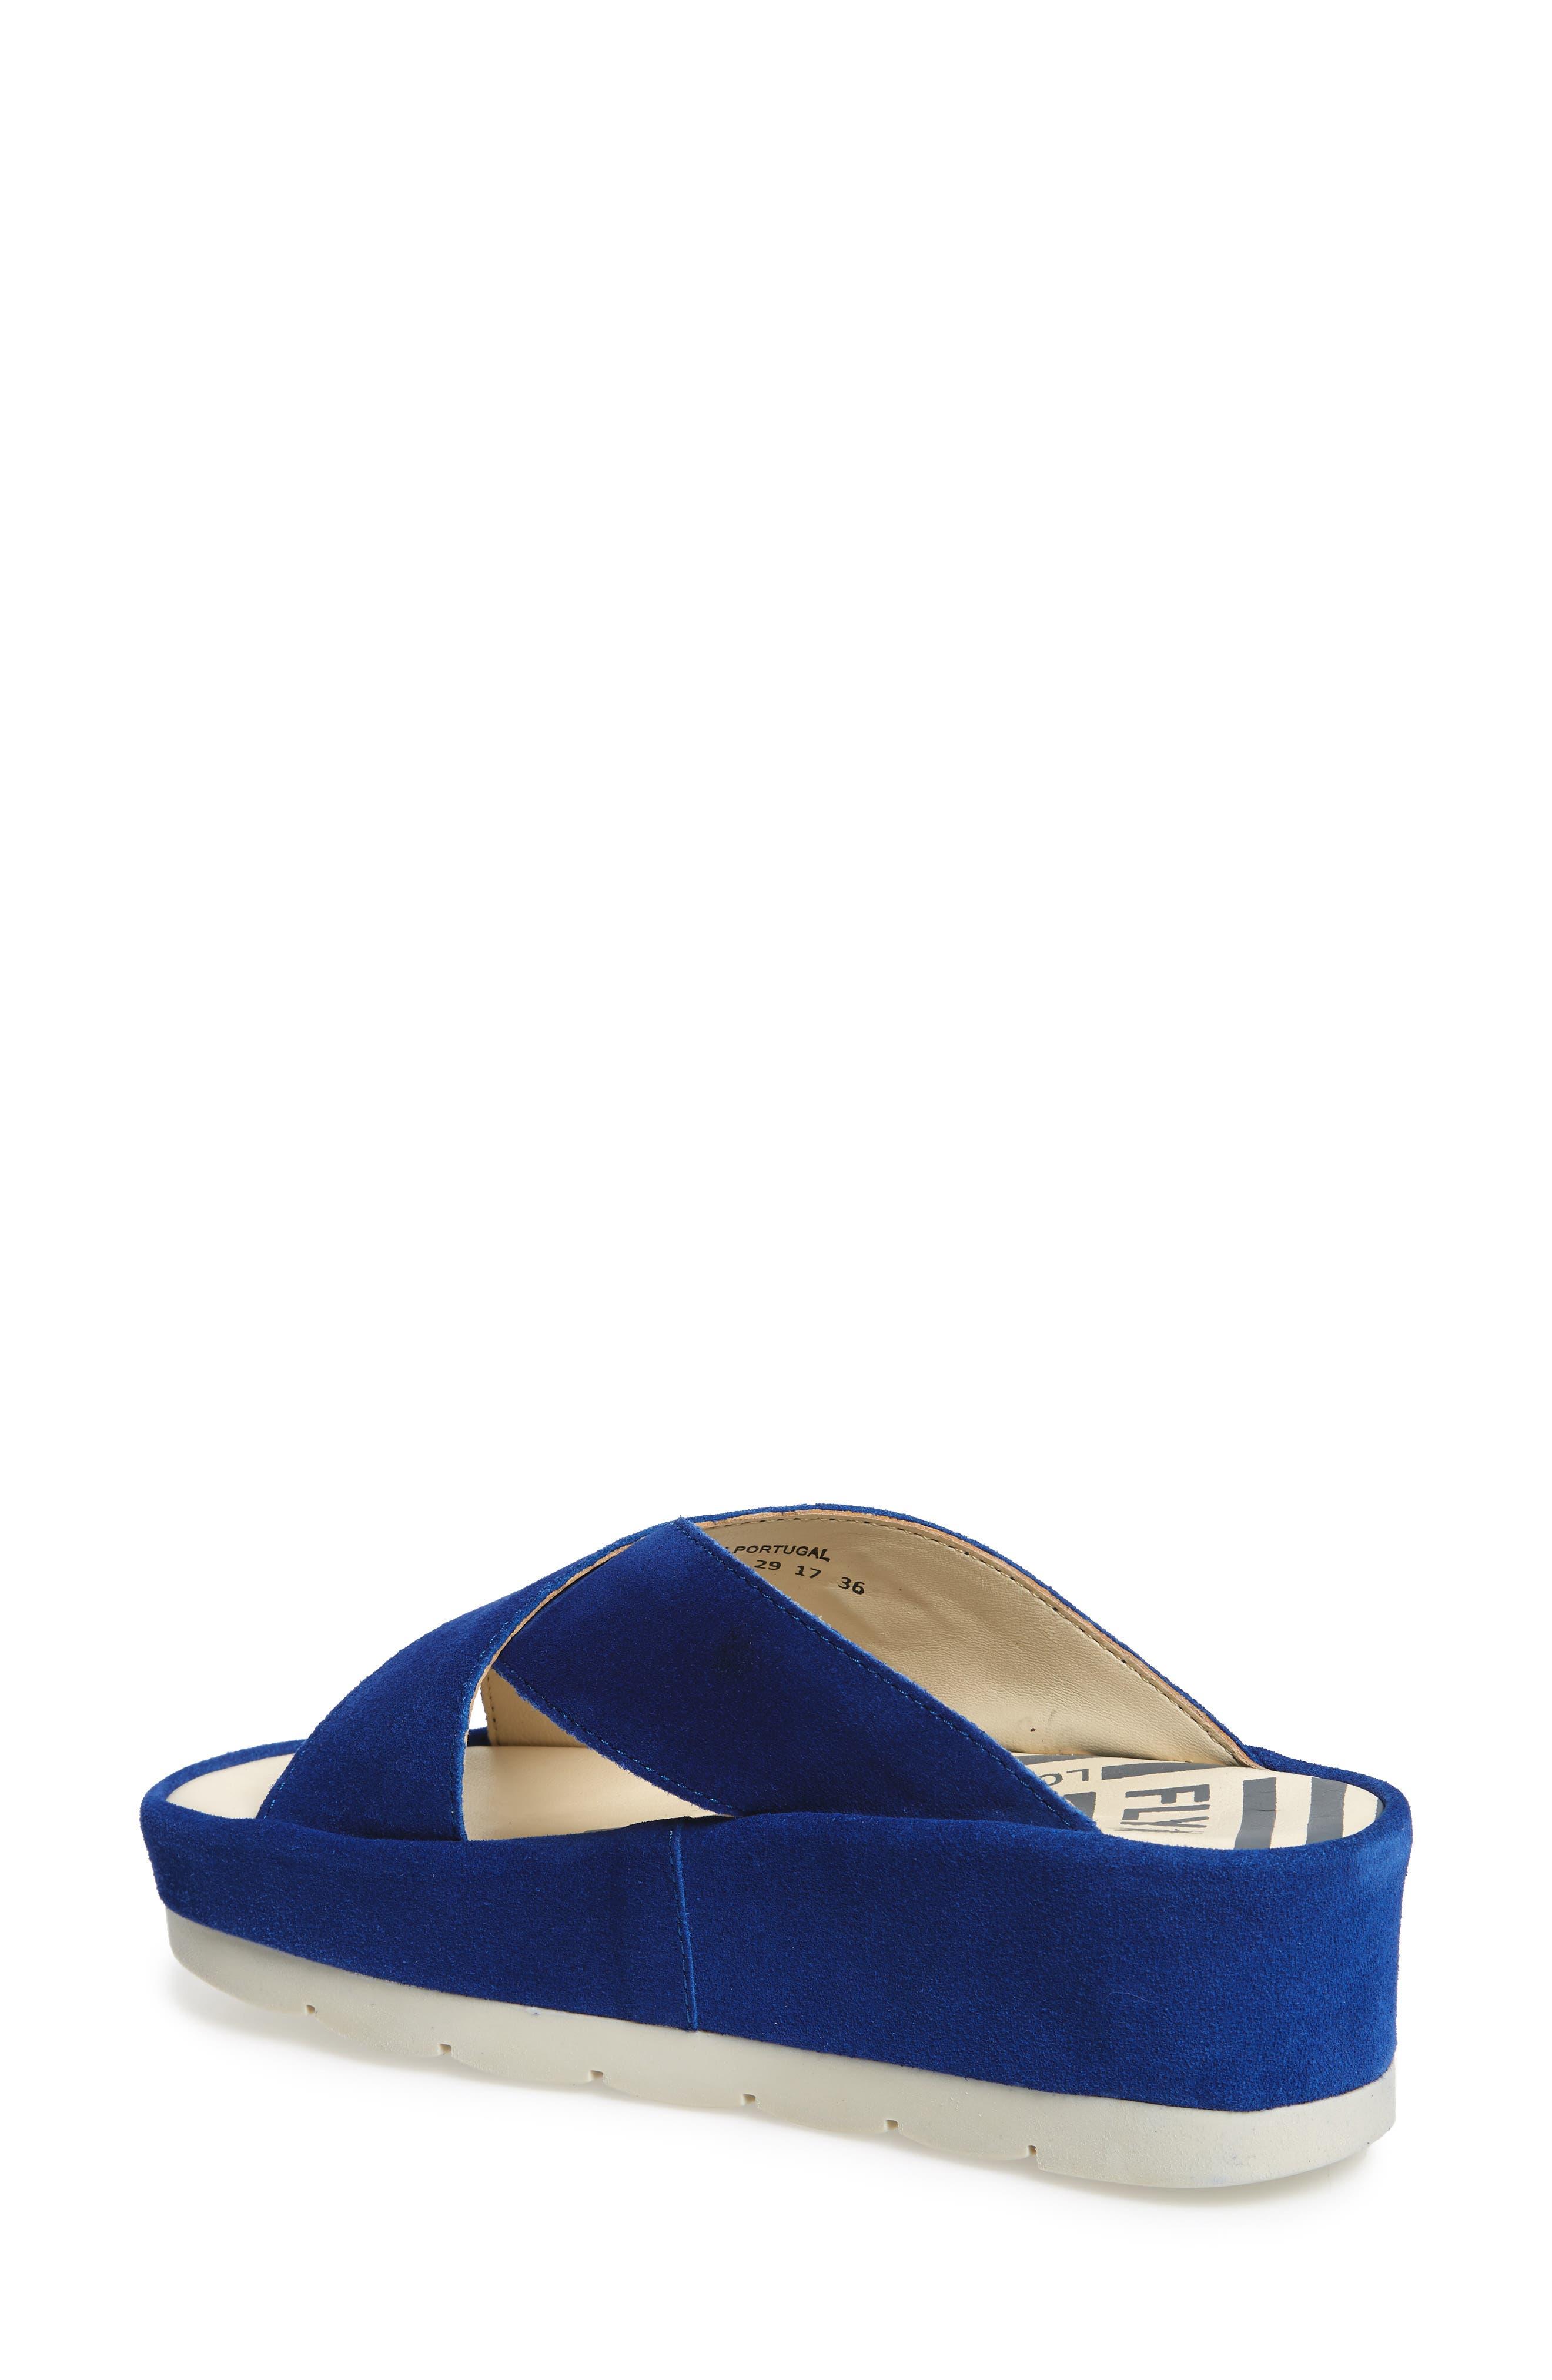 Begs Platform Slide Sandal,                             Alternate thumbnail 2, color,                             BLUE SUEDE